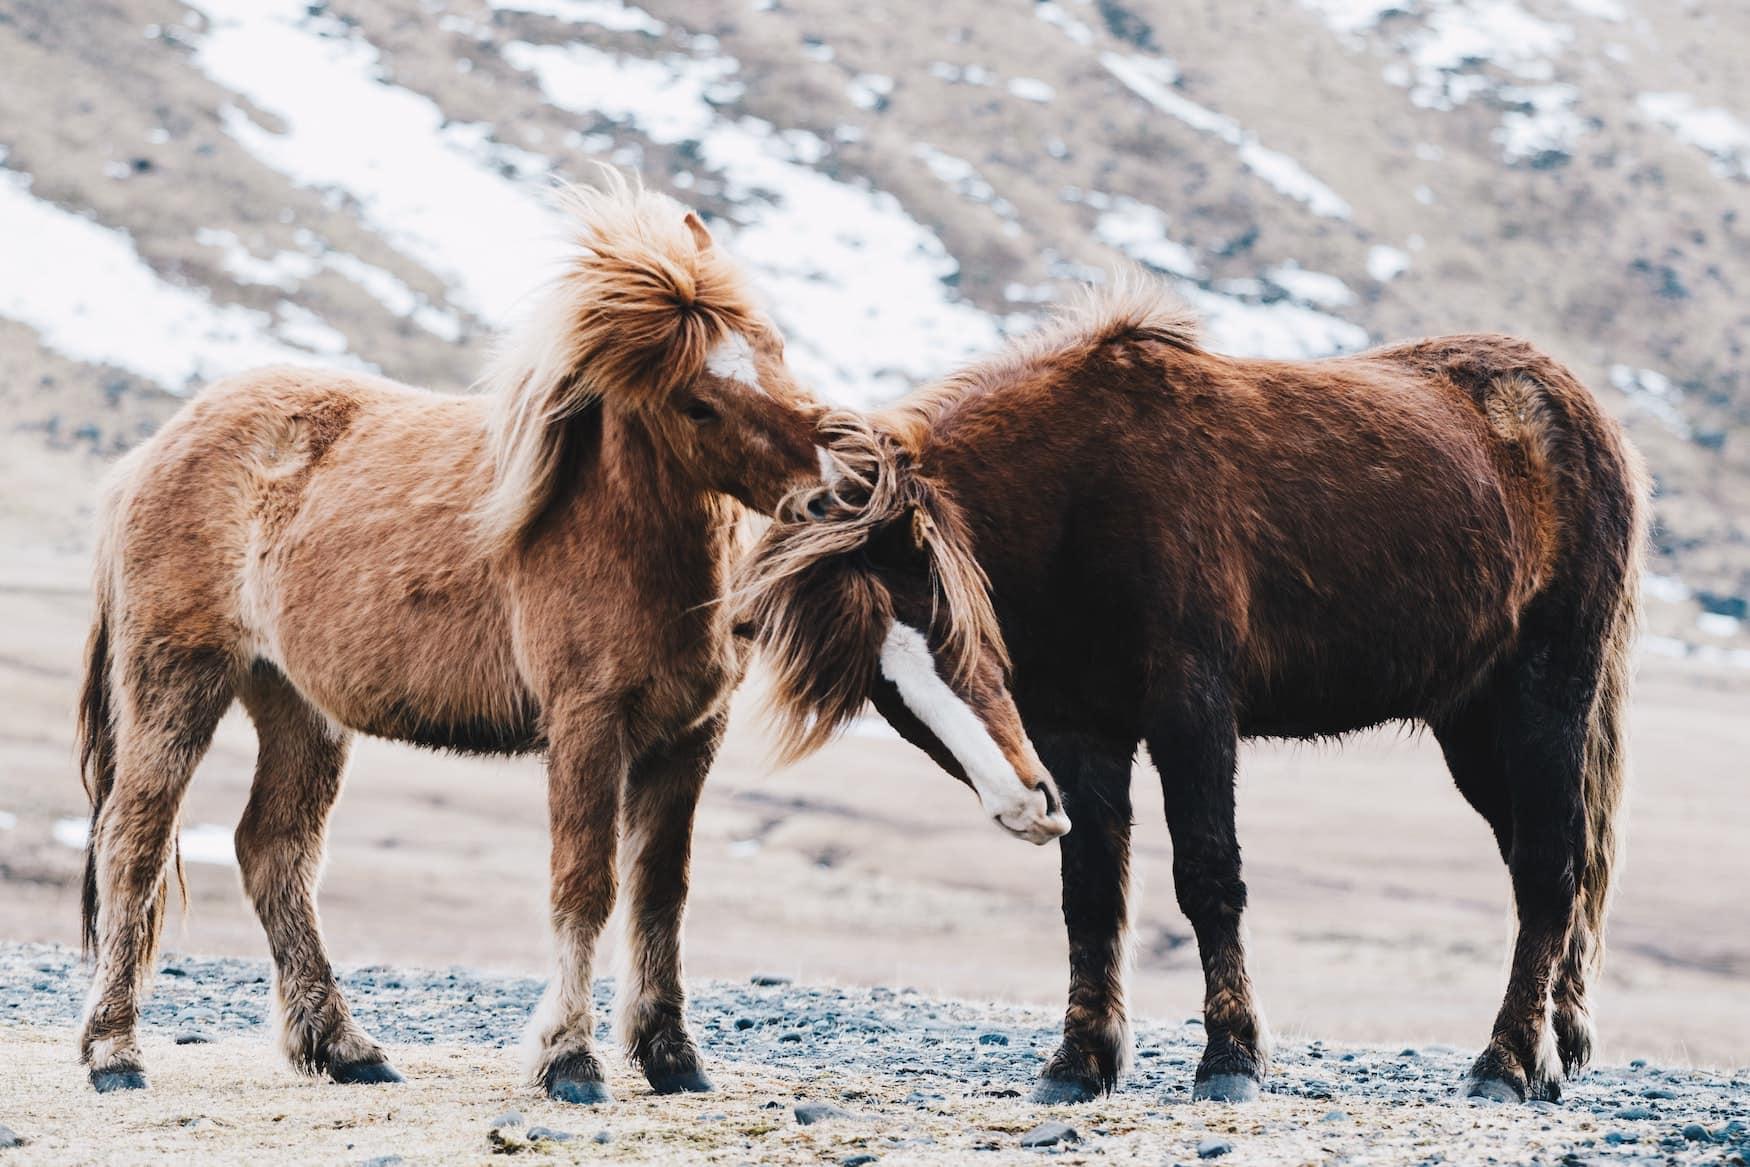 Islandpferde grasen in Landschaft auf Island